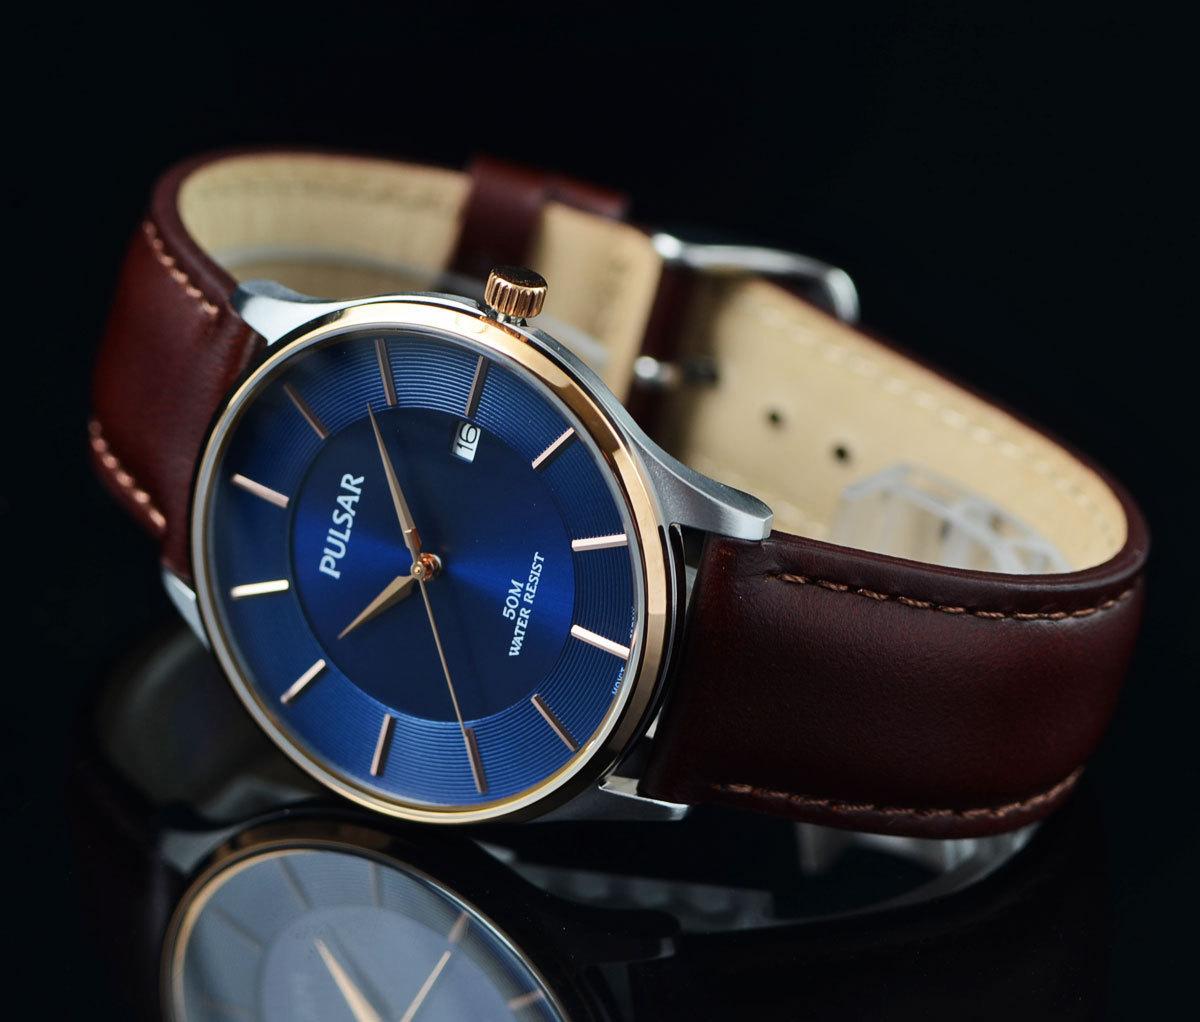 1円開始 逆輸入セイコーPULSARシンプルで飽きの来ないデザイン50m防水 美しいサファイアブルー 腕時計 本革ベルト メンズ 激レア日本未発売_画像3